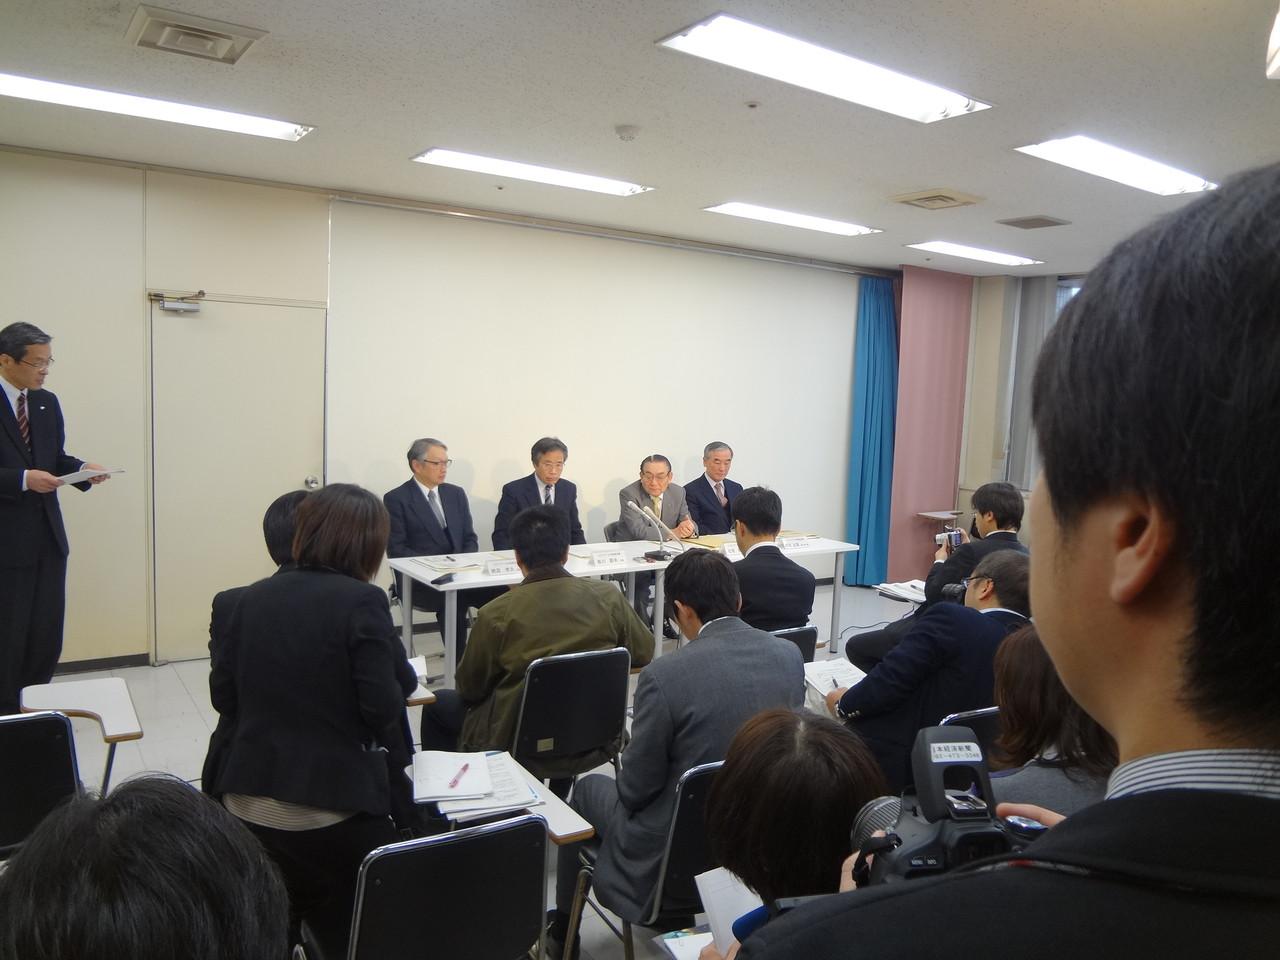 ILCアジア-九州推進会議設立記者会見の様子です。